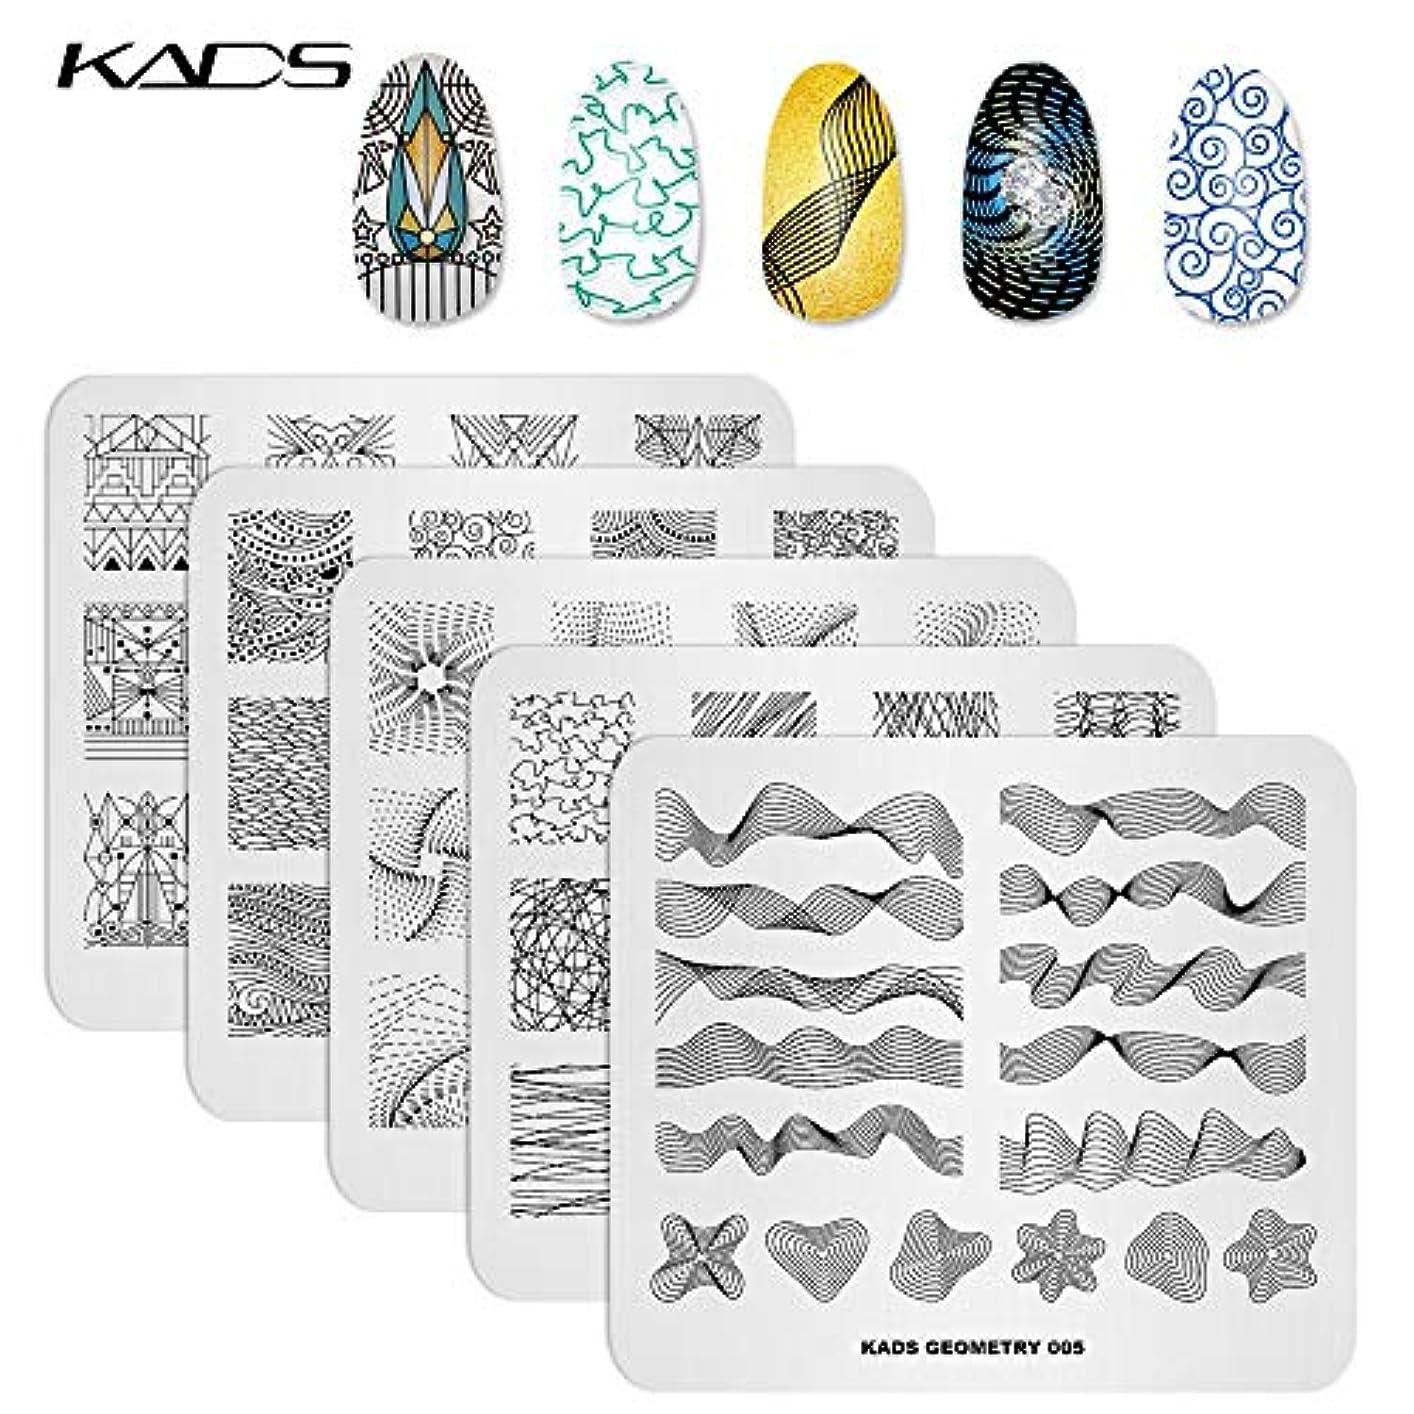 間違えた加害者落ち着いたKADS スタンピングプレート5枚セット 美しい花柄/ライン/不規則図案 ネイルステンシル ネイルアートツール ネイルデザイン用品 (セット4)